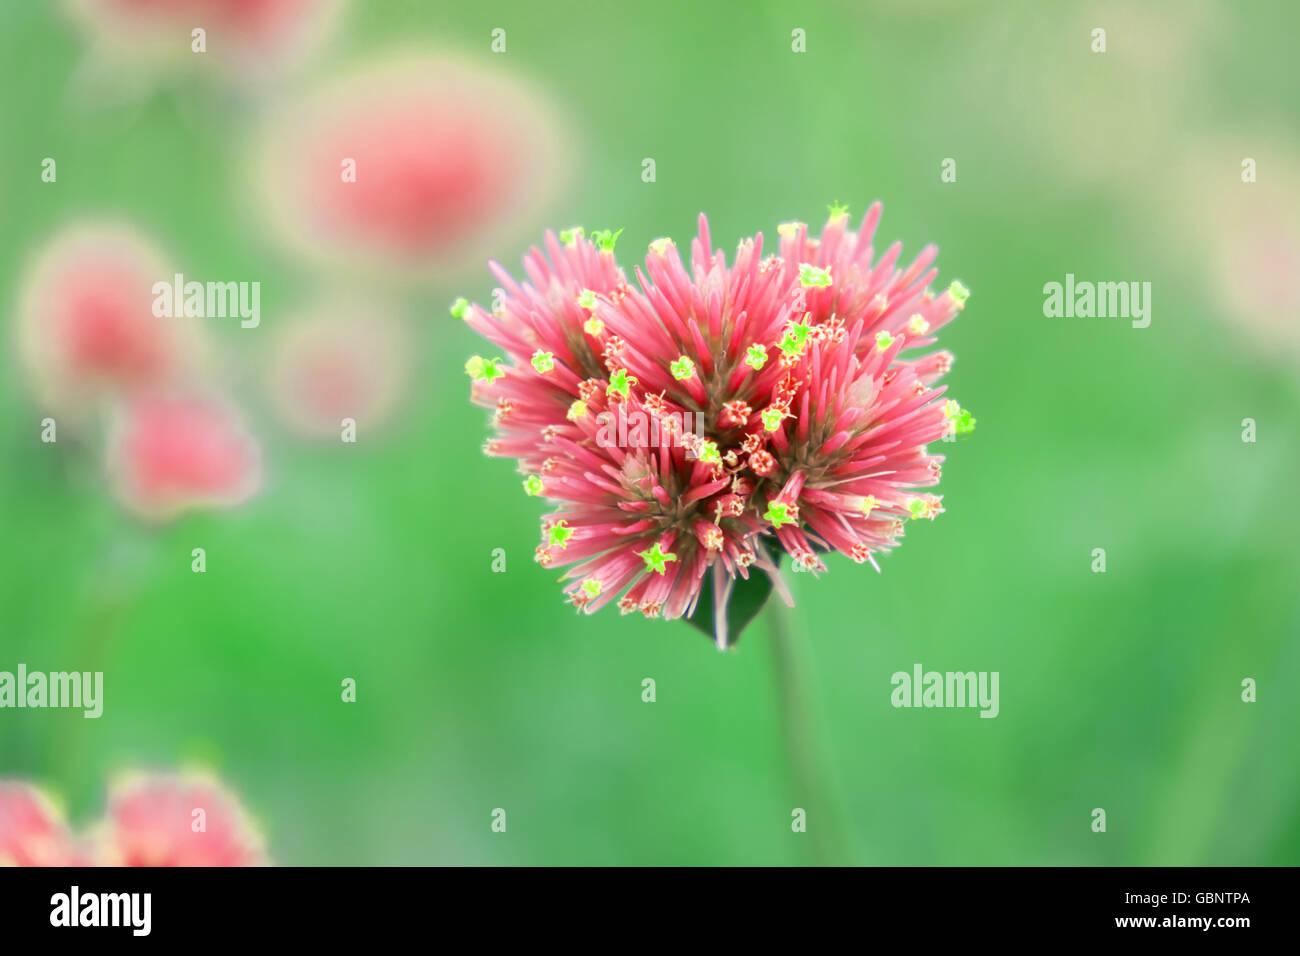 Gomphrena globosa fiori di un bel colore rosa Immagini Stock